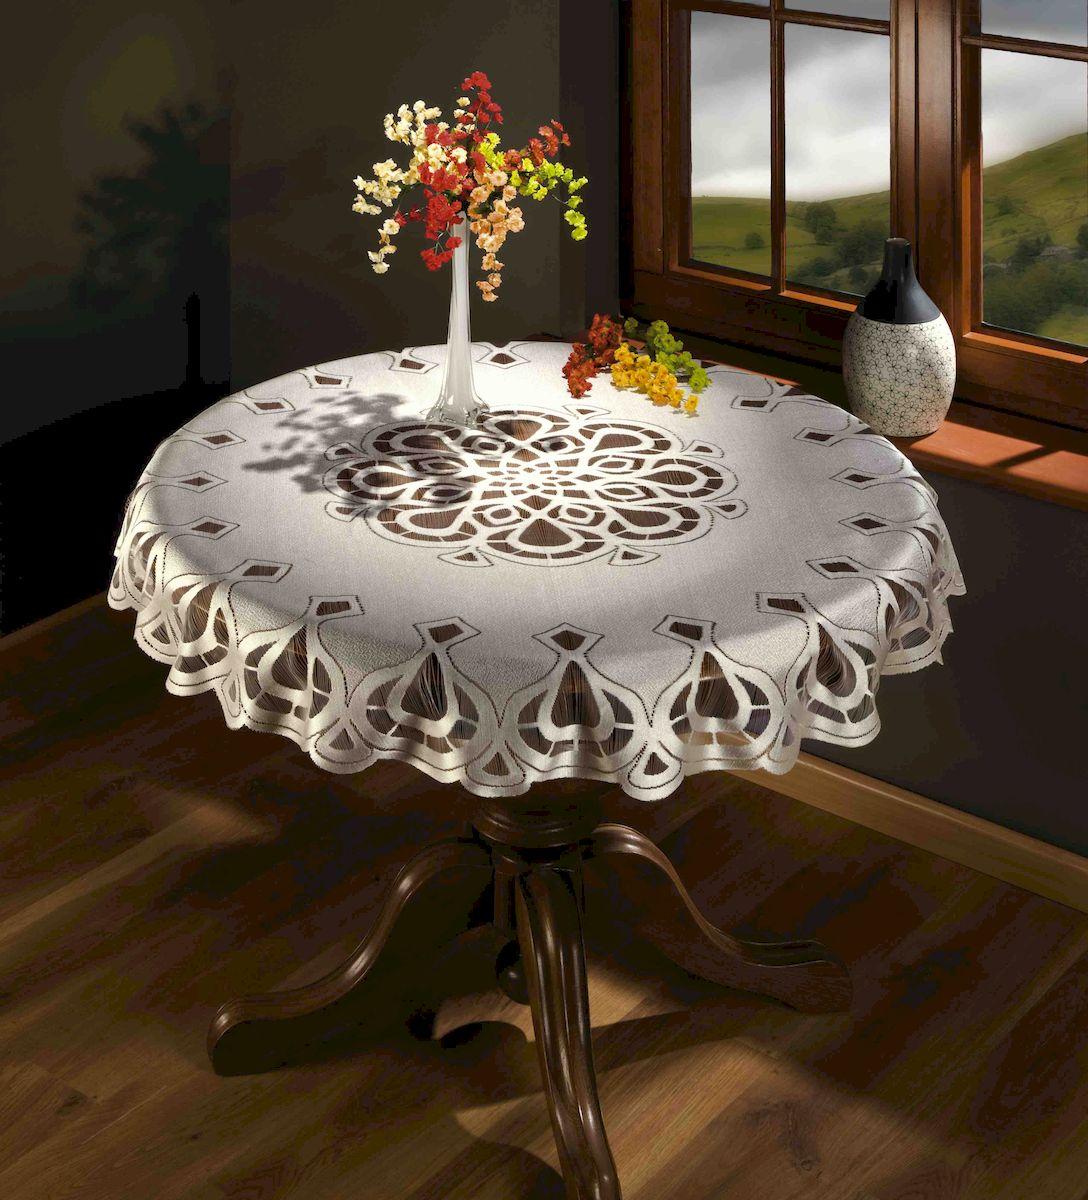 Скатерть Wisan, цвет: белый, 125x125 см. 89678967Скатерть жаккардовая, бережная стирка при t не более 40С, деликатный режим.